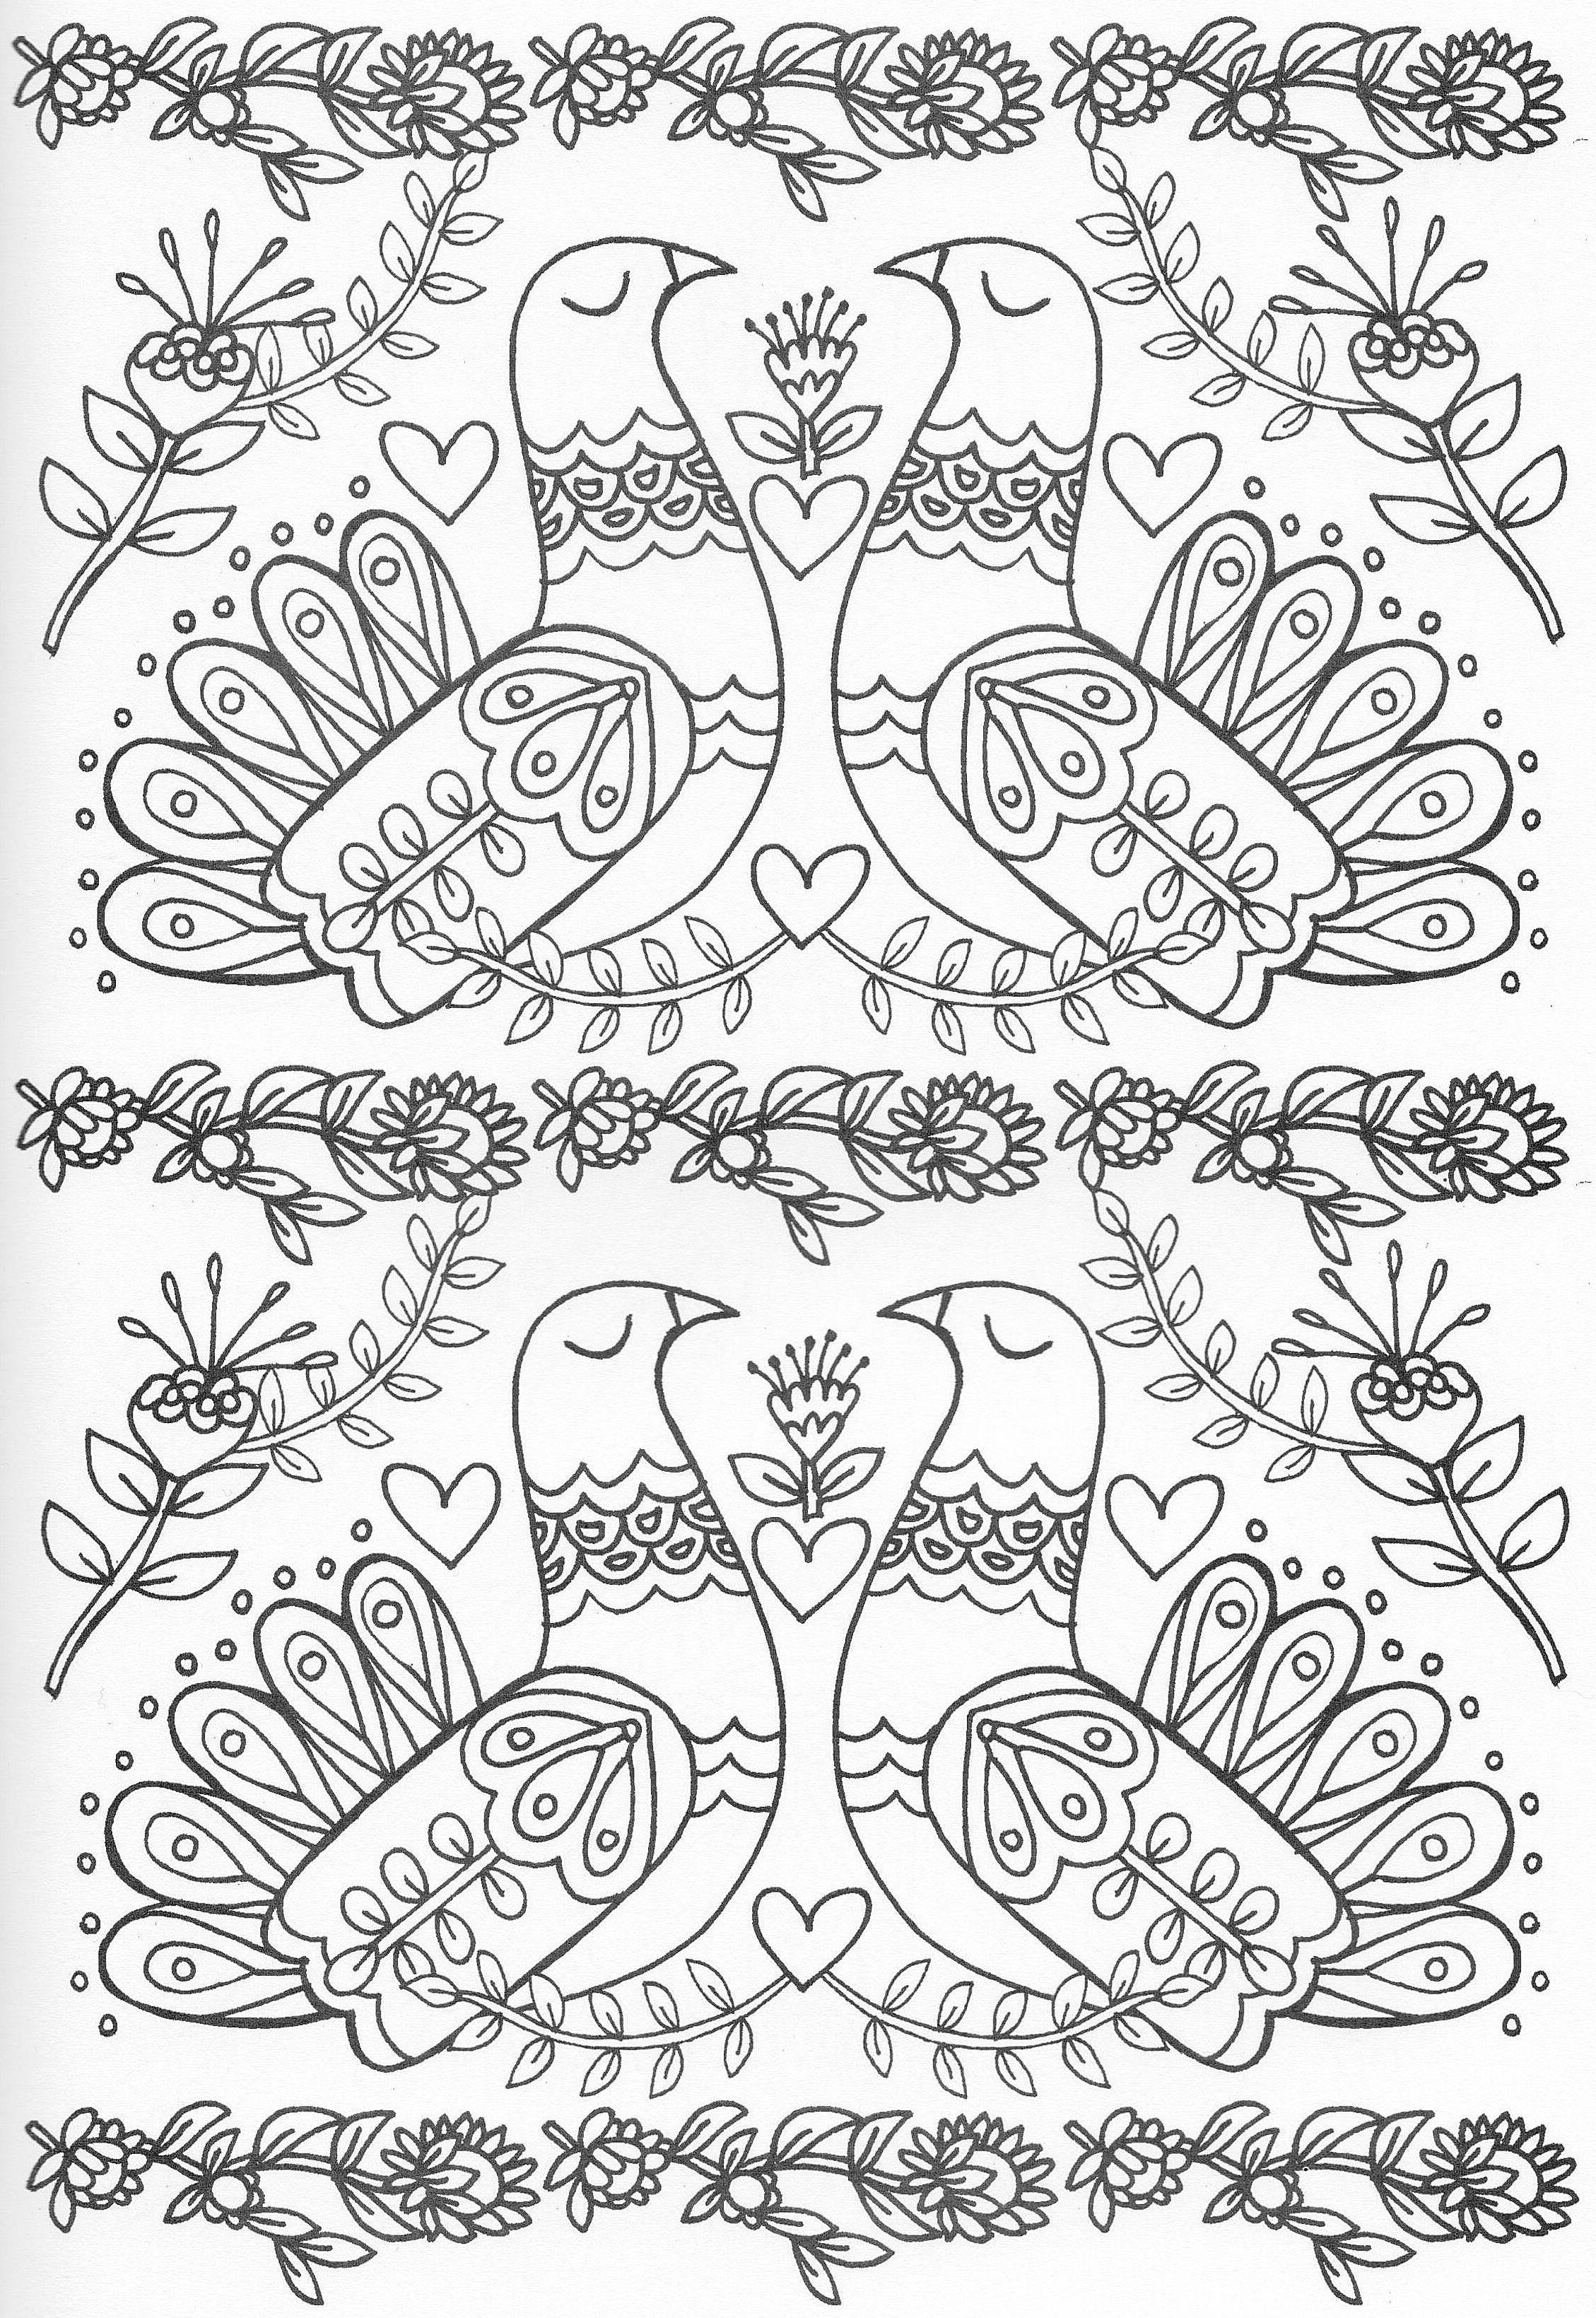 Scandinavian Coloring Book Pg 43 Free Coloring Pages Cute Coloring Pages Coloring Pages